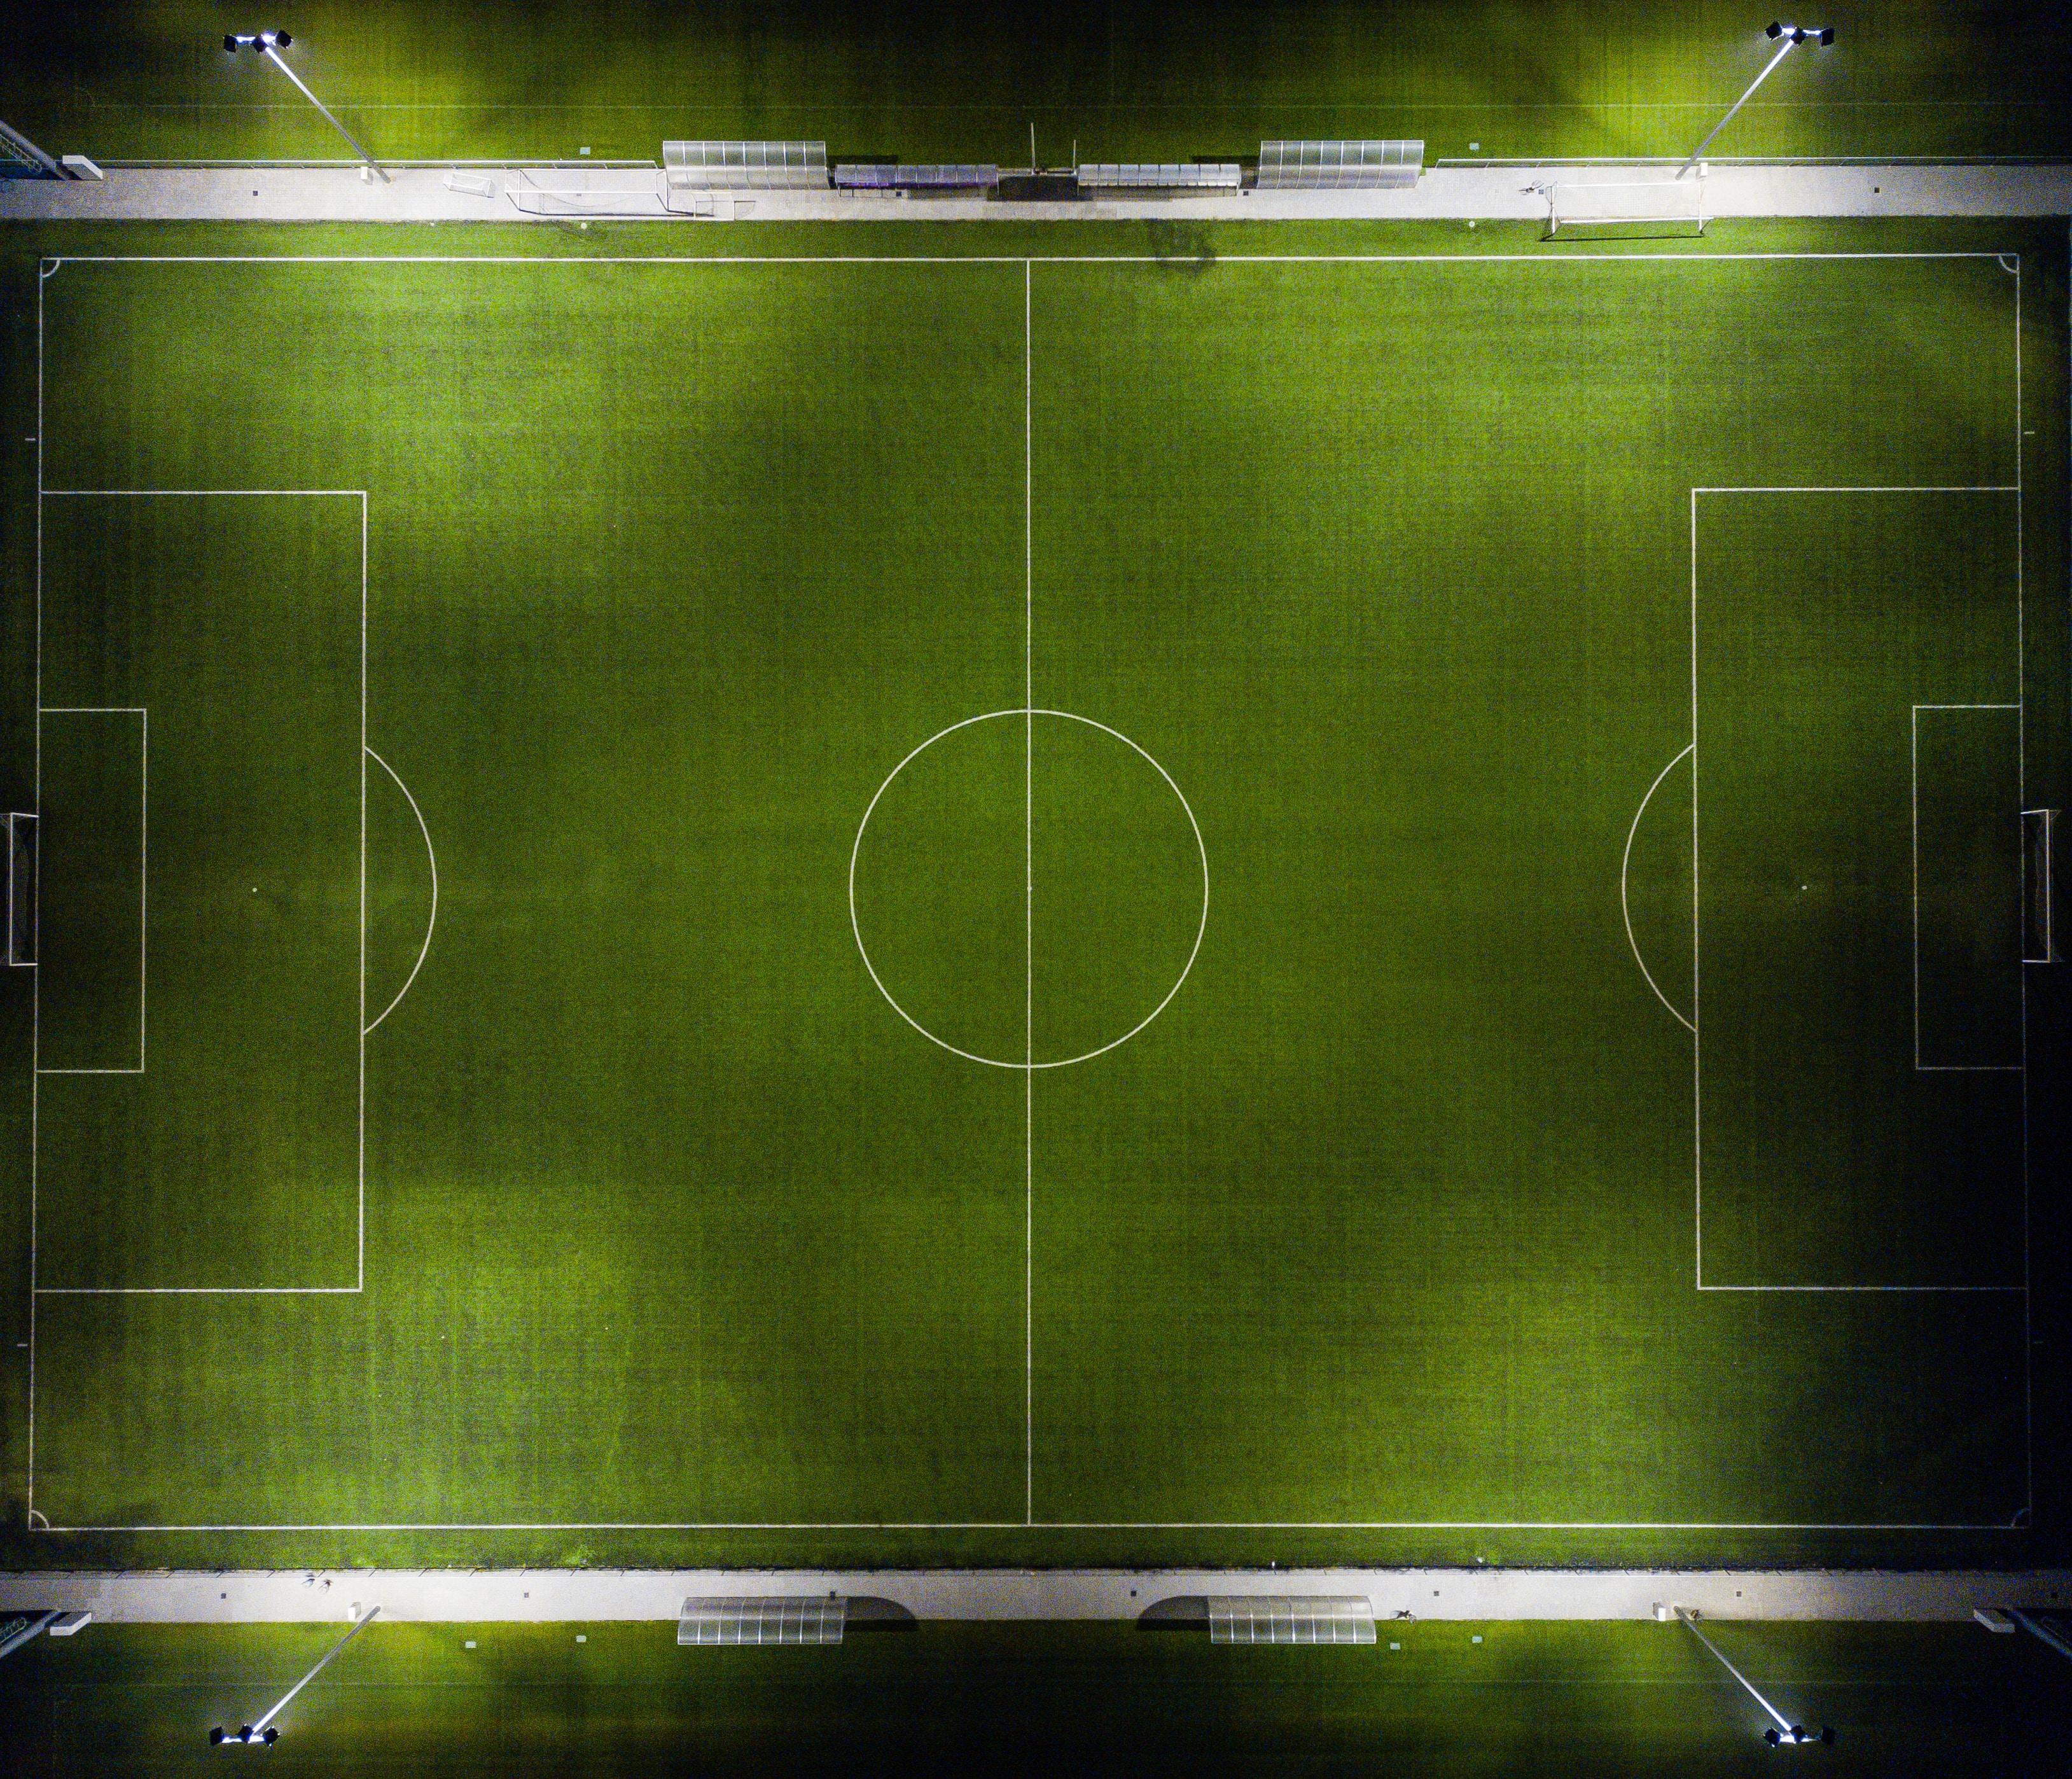 Jak wygląda boisko piłkarskie